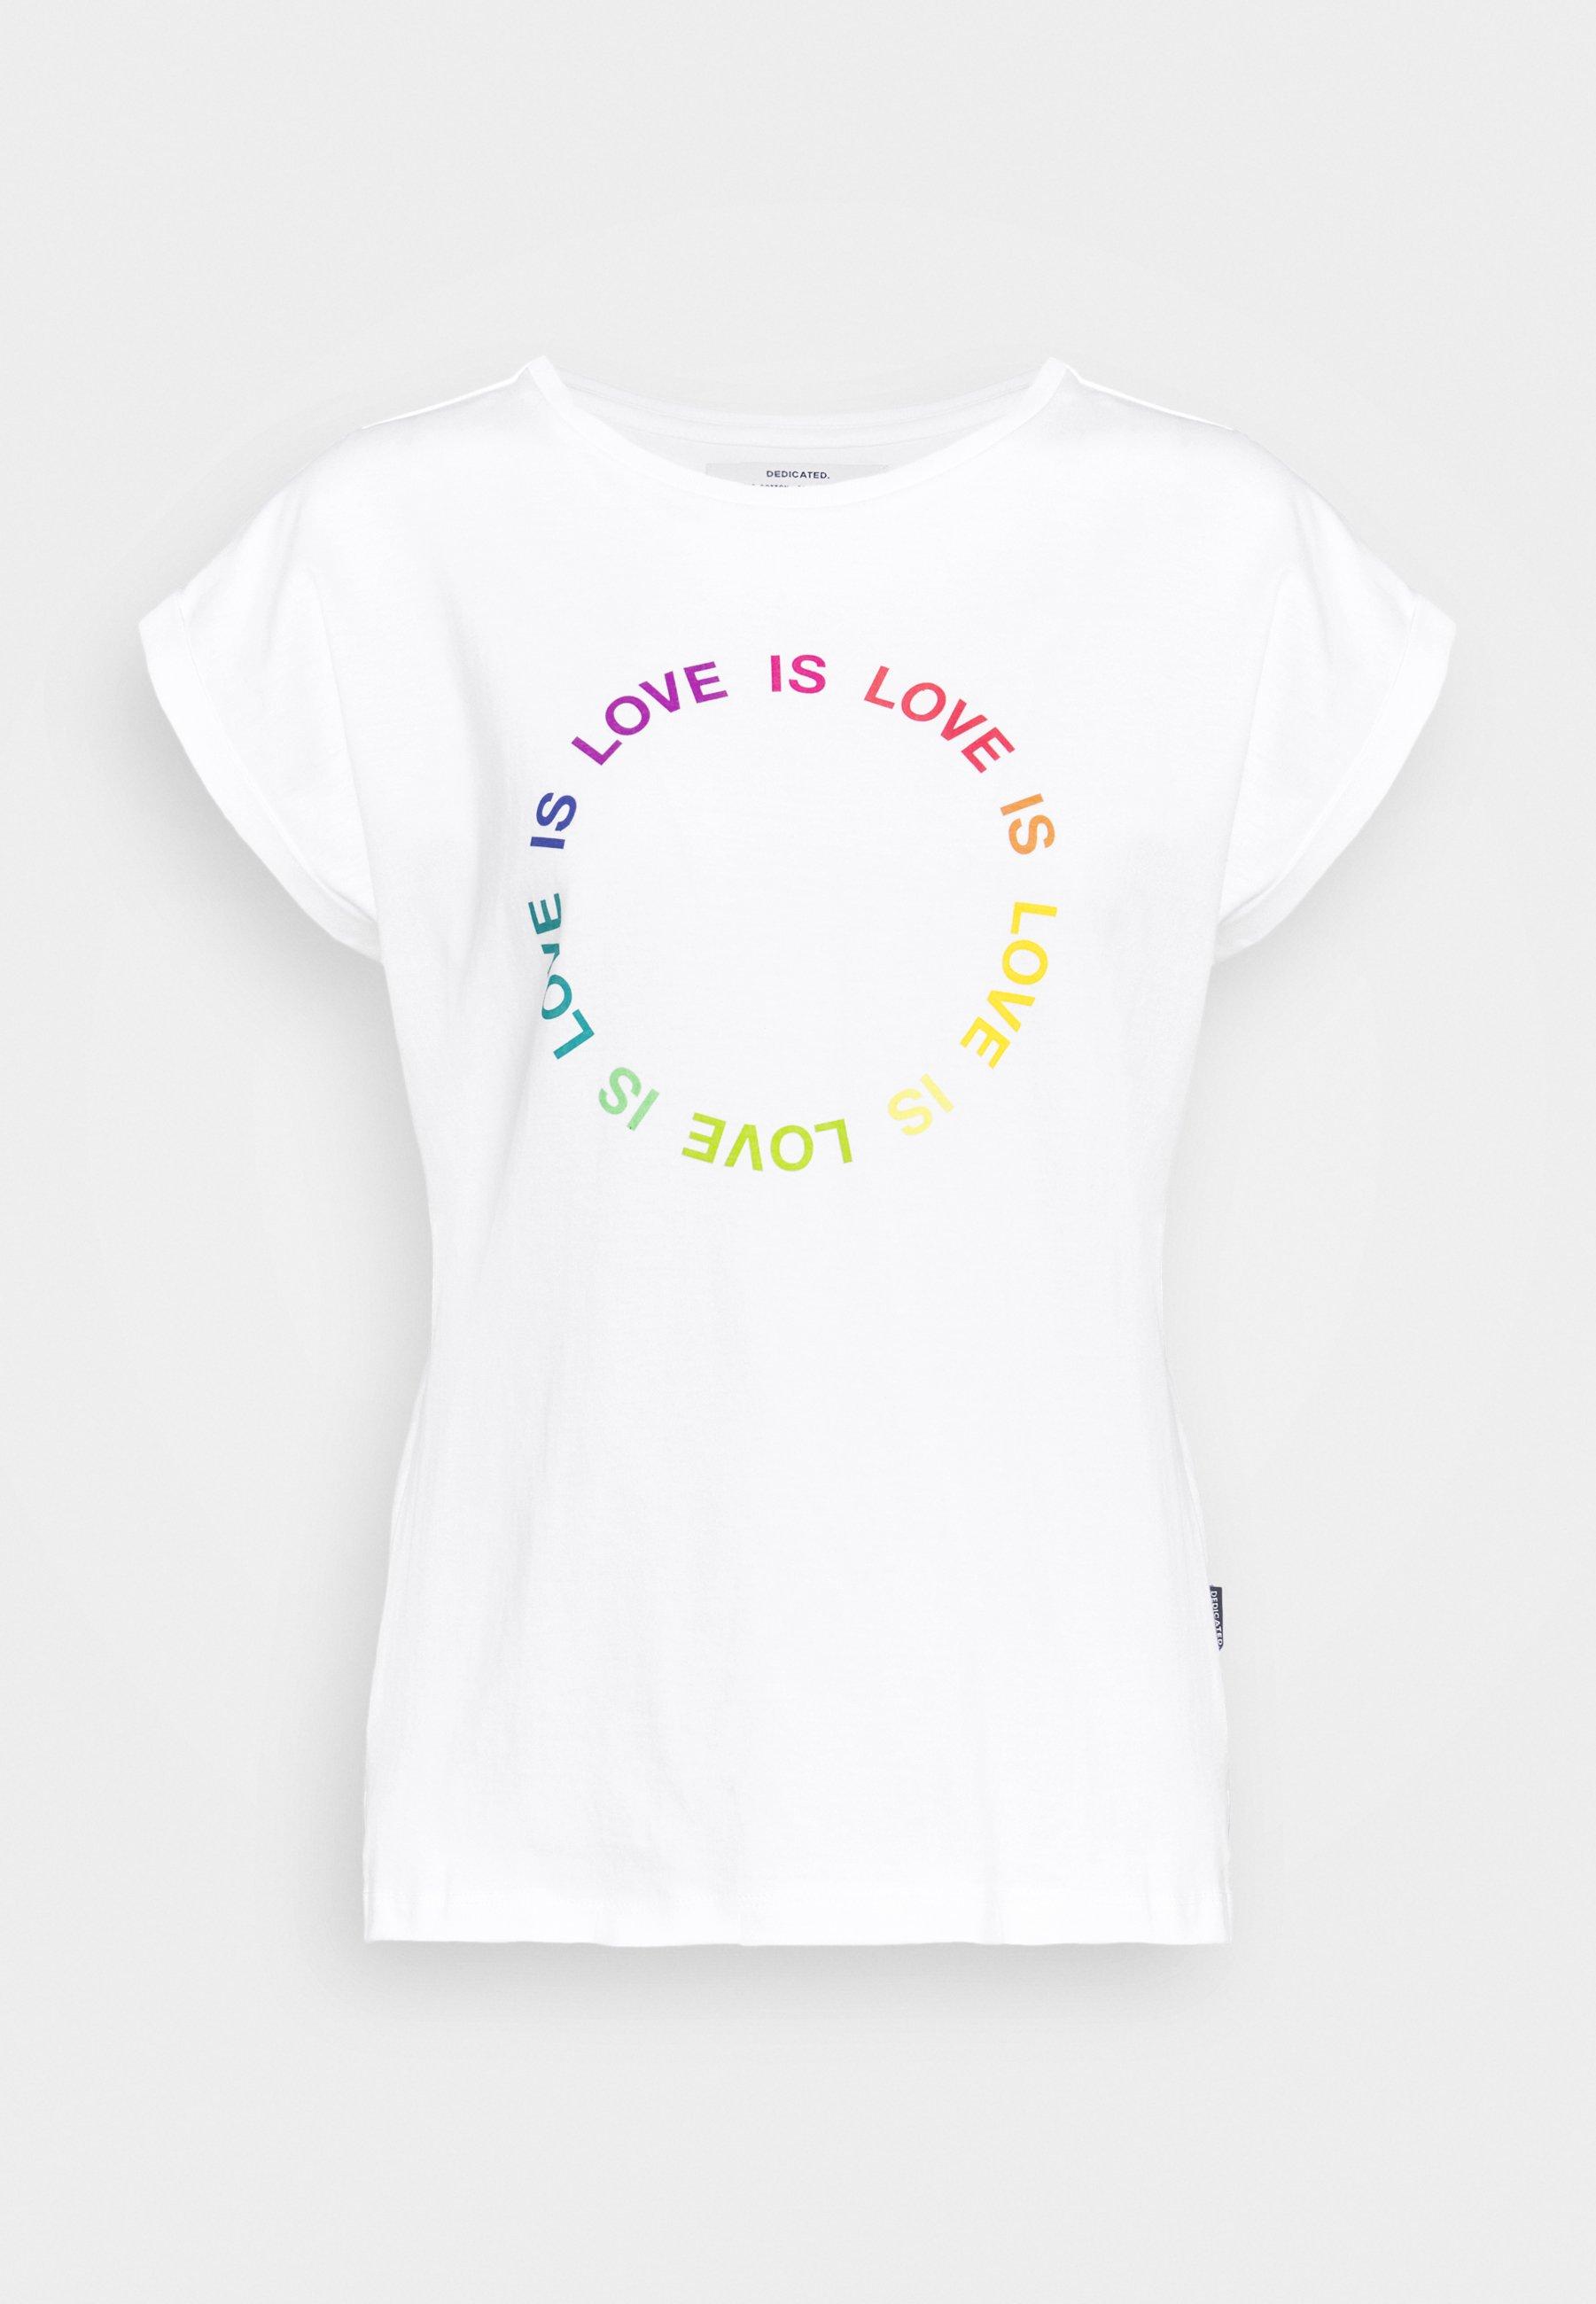 Har du sikret deg en slik t skjorte? Dette er fordelene dine